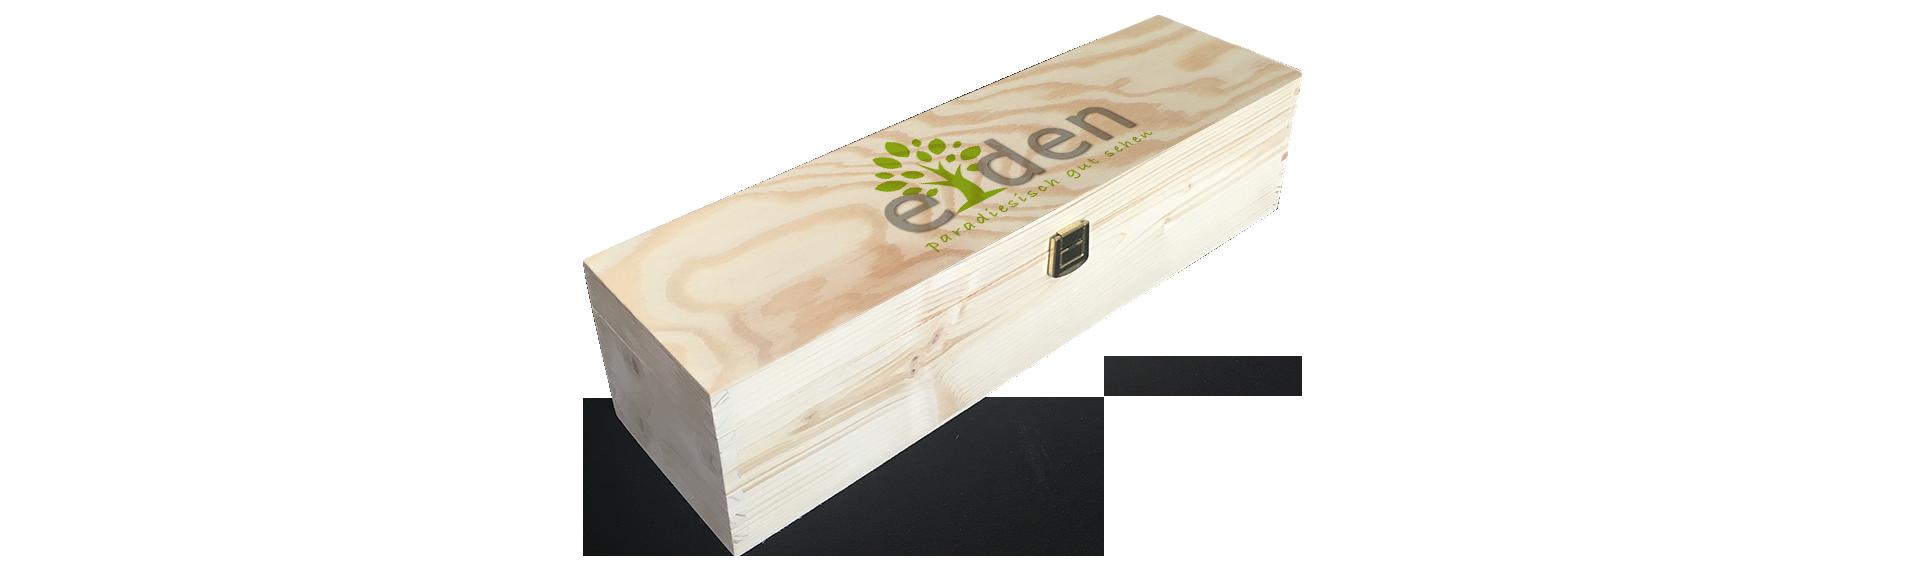 Optik Eden | Holzkiste Weinkiste  bedruckt